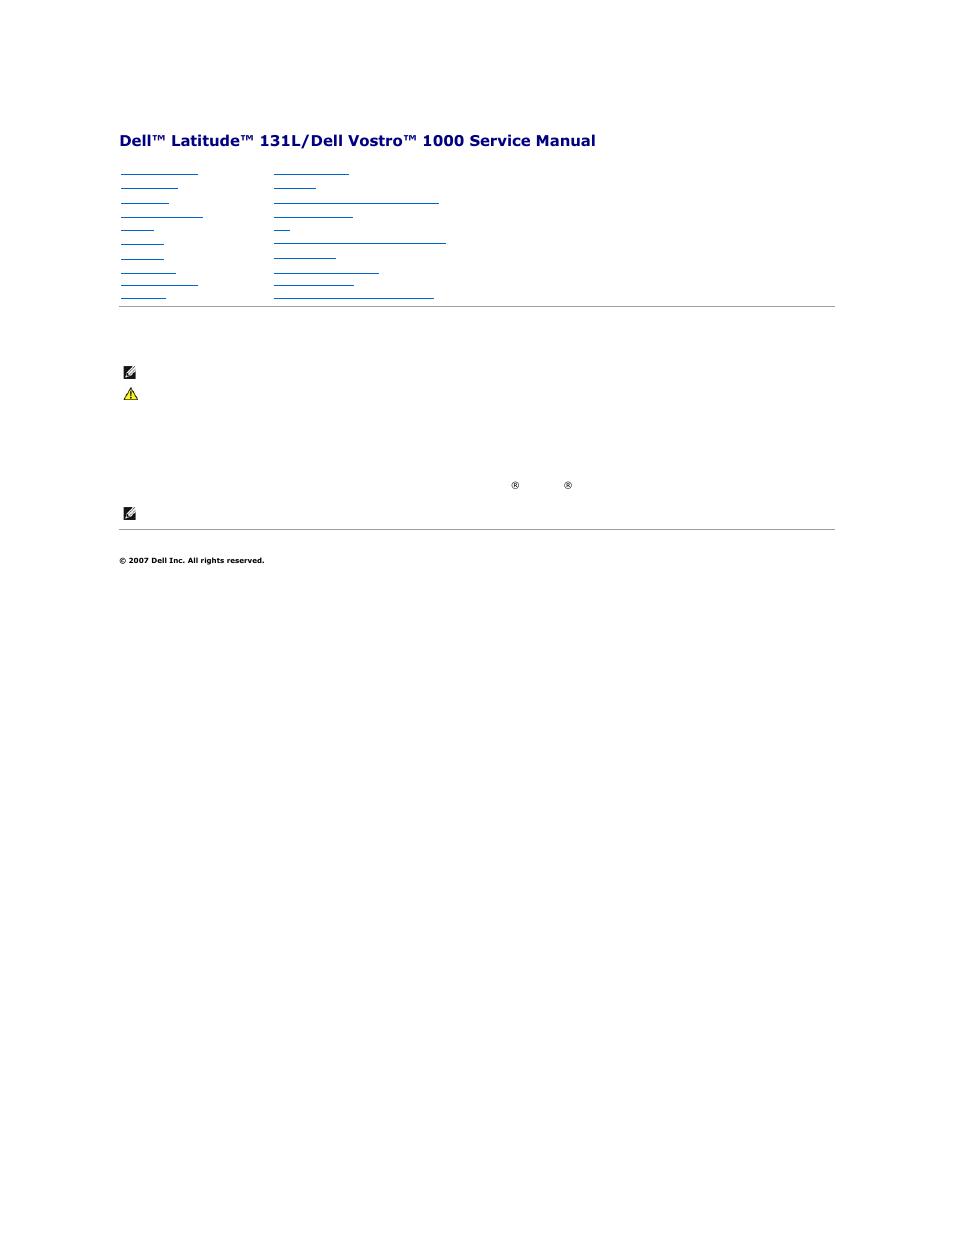 dell vostro 1000 manual daily instruction manual guides u2022 rh testingwordpress co dell vostro 1520 user manual dell vostro 1520 operating manual